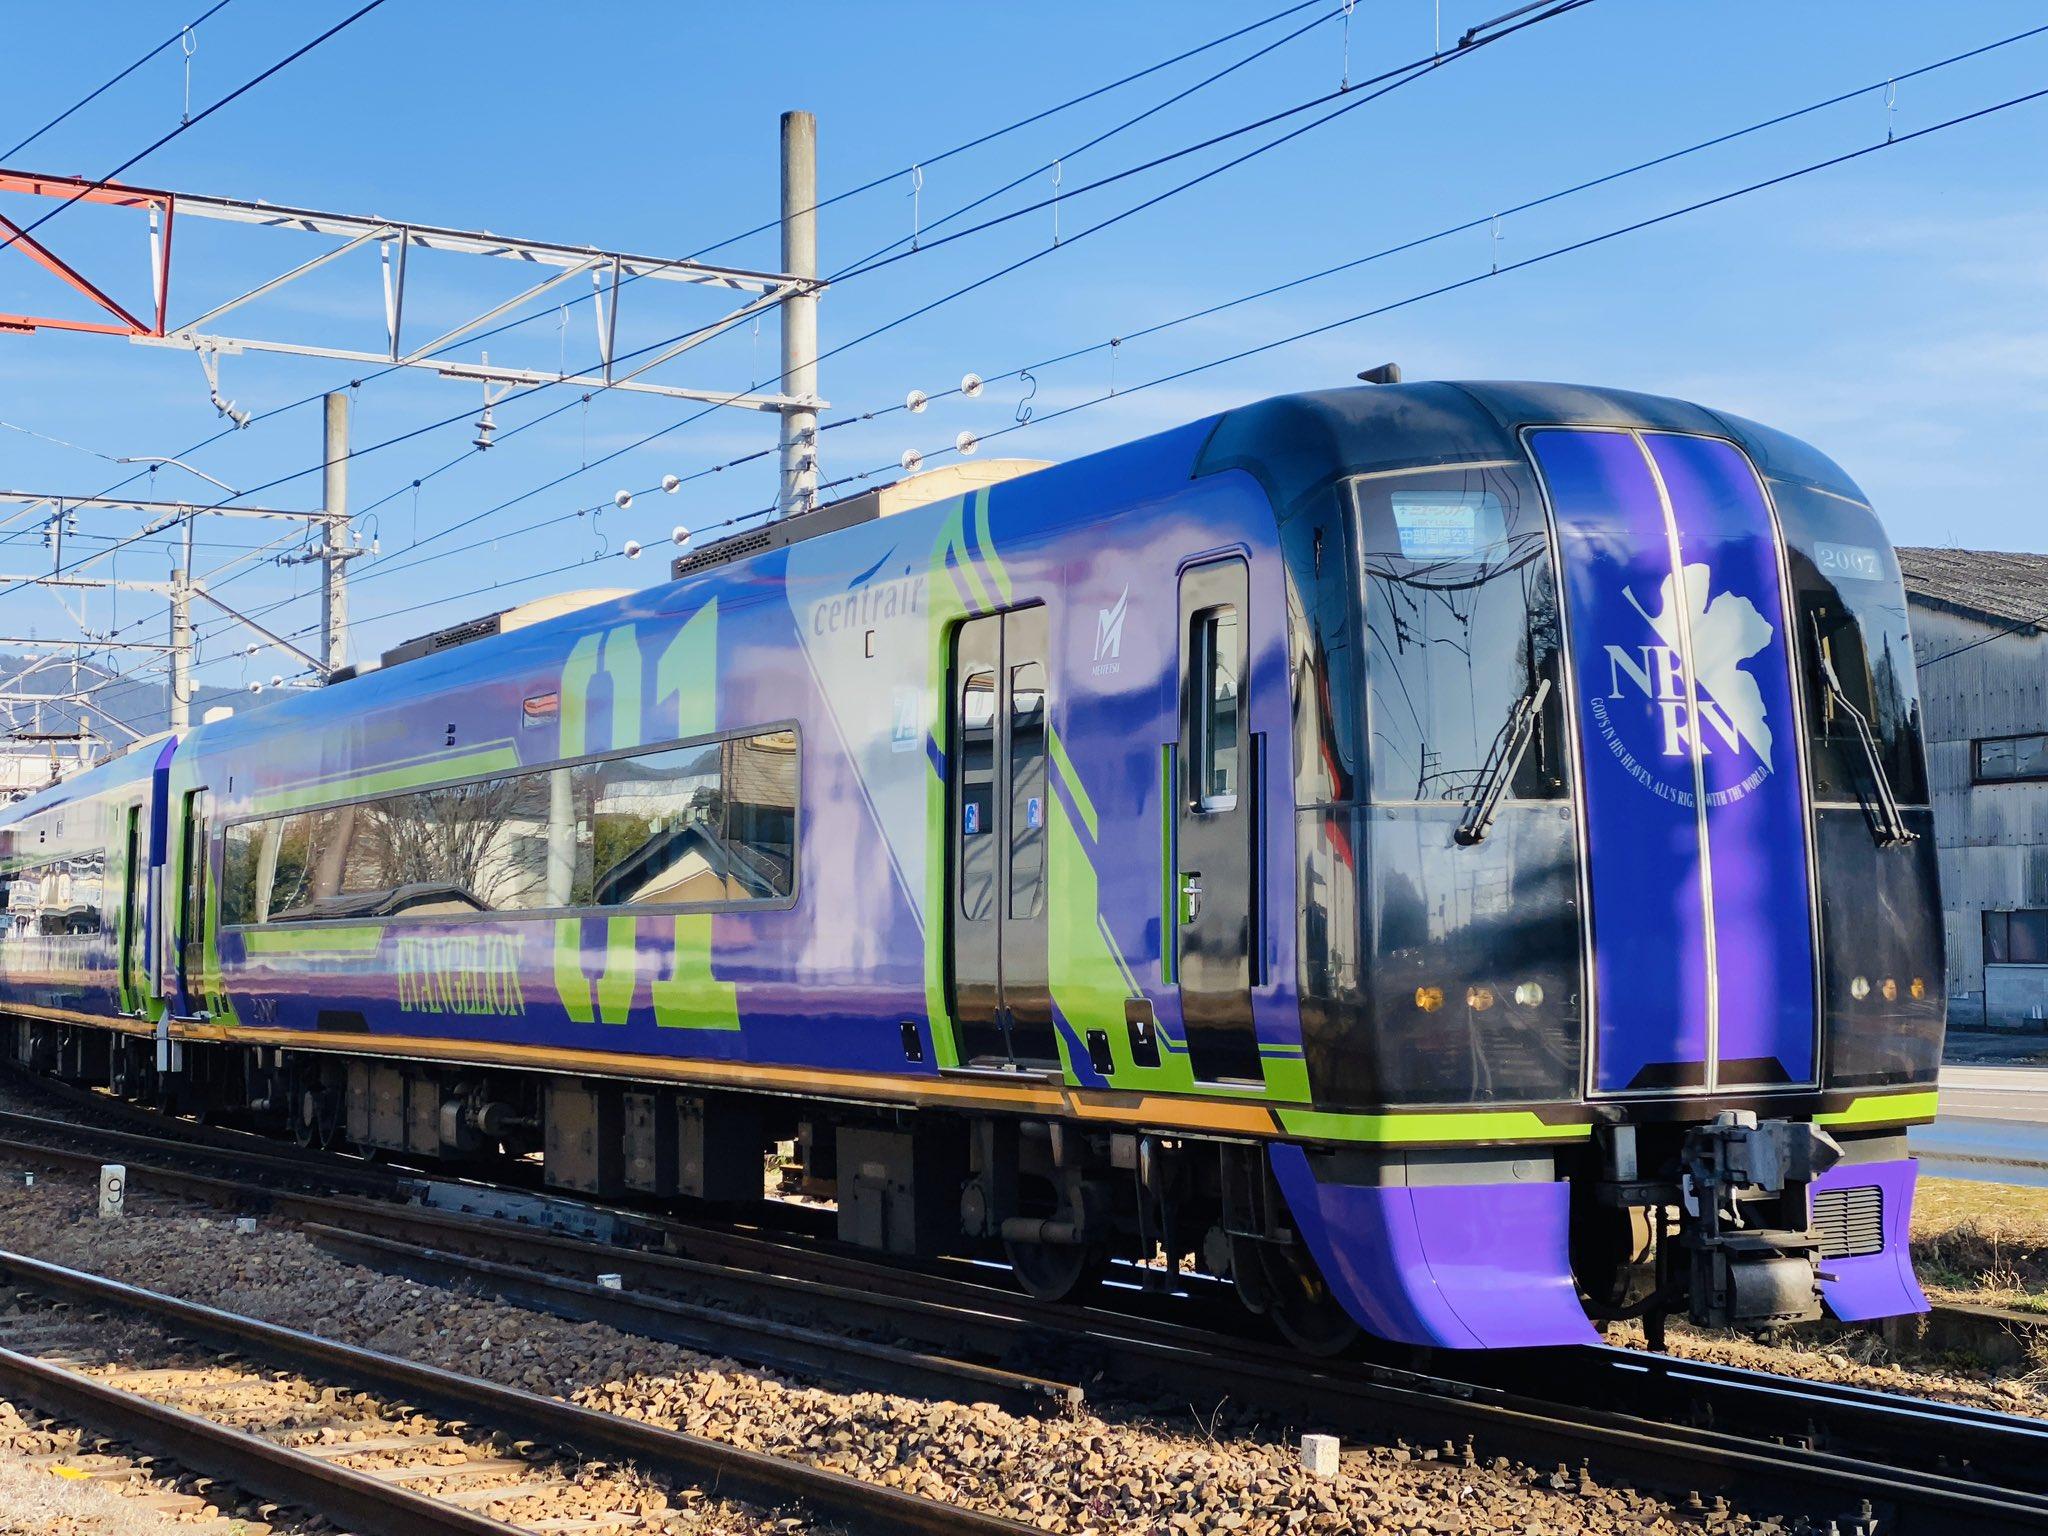 In Giappone c'è un treno interamente a tema Evangelion